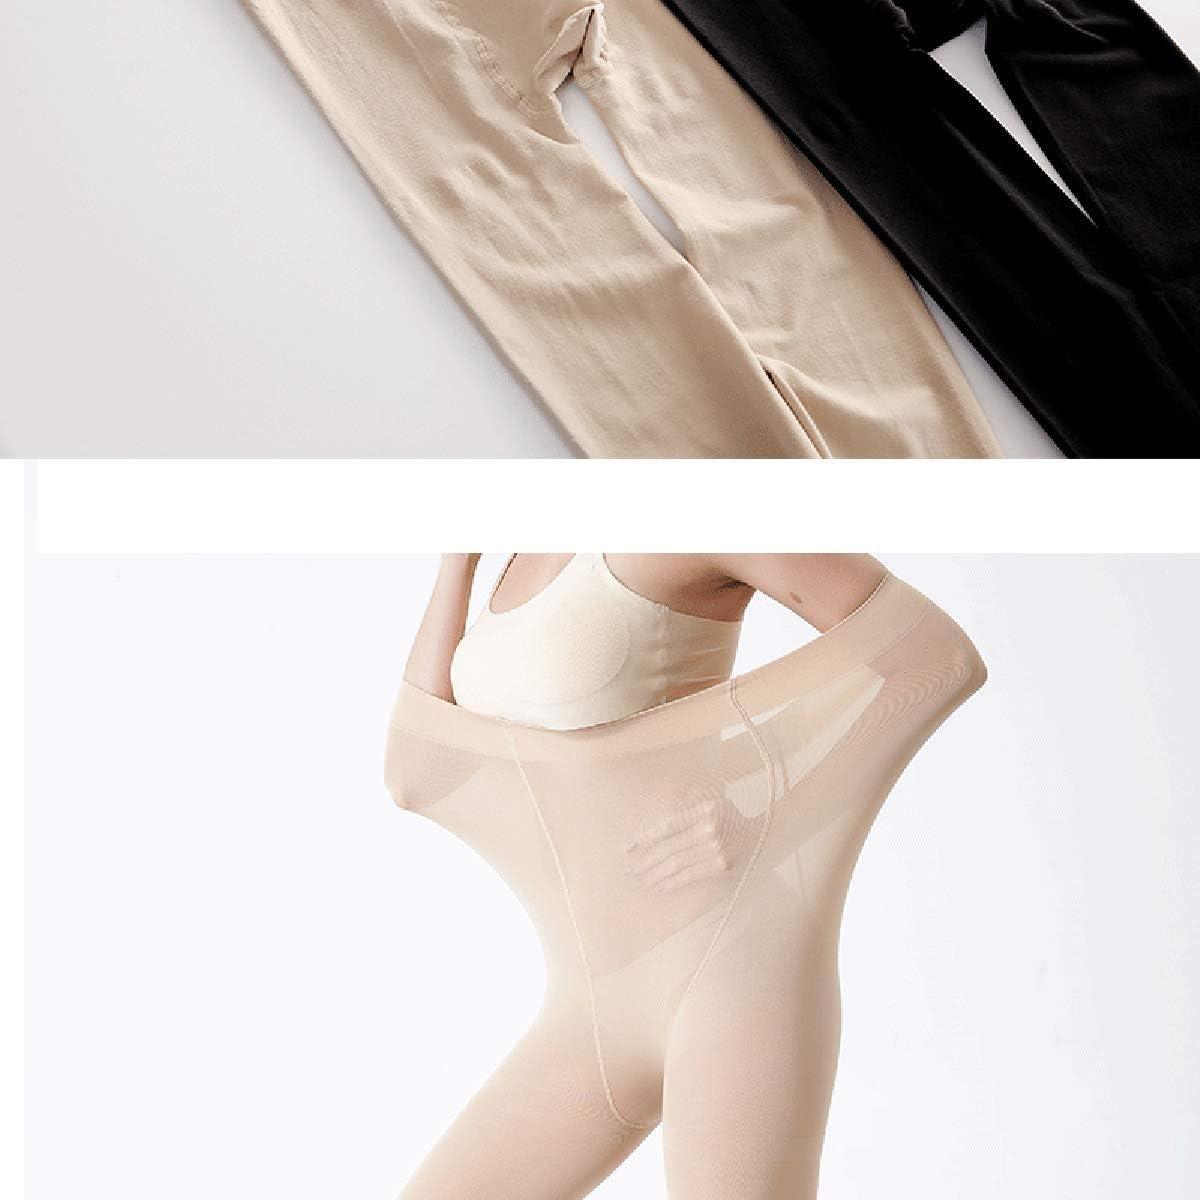 Yulaixuan donna 2 paia Collant taglie forti 120 denari completo lunghezza collant rinforzato coprente pantaloni spessi pantaloni leggings invernali